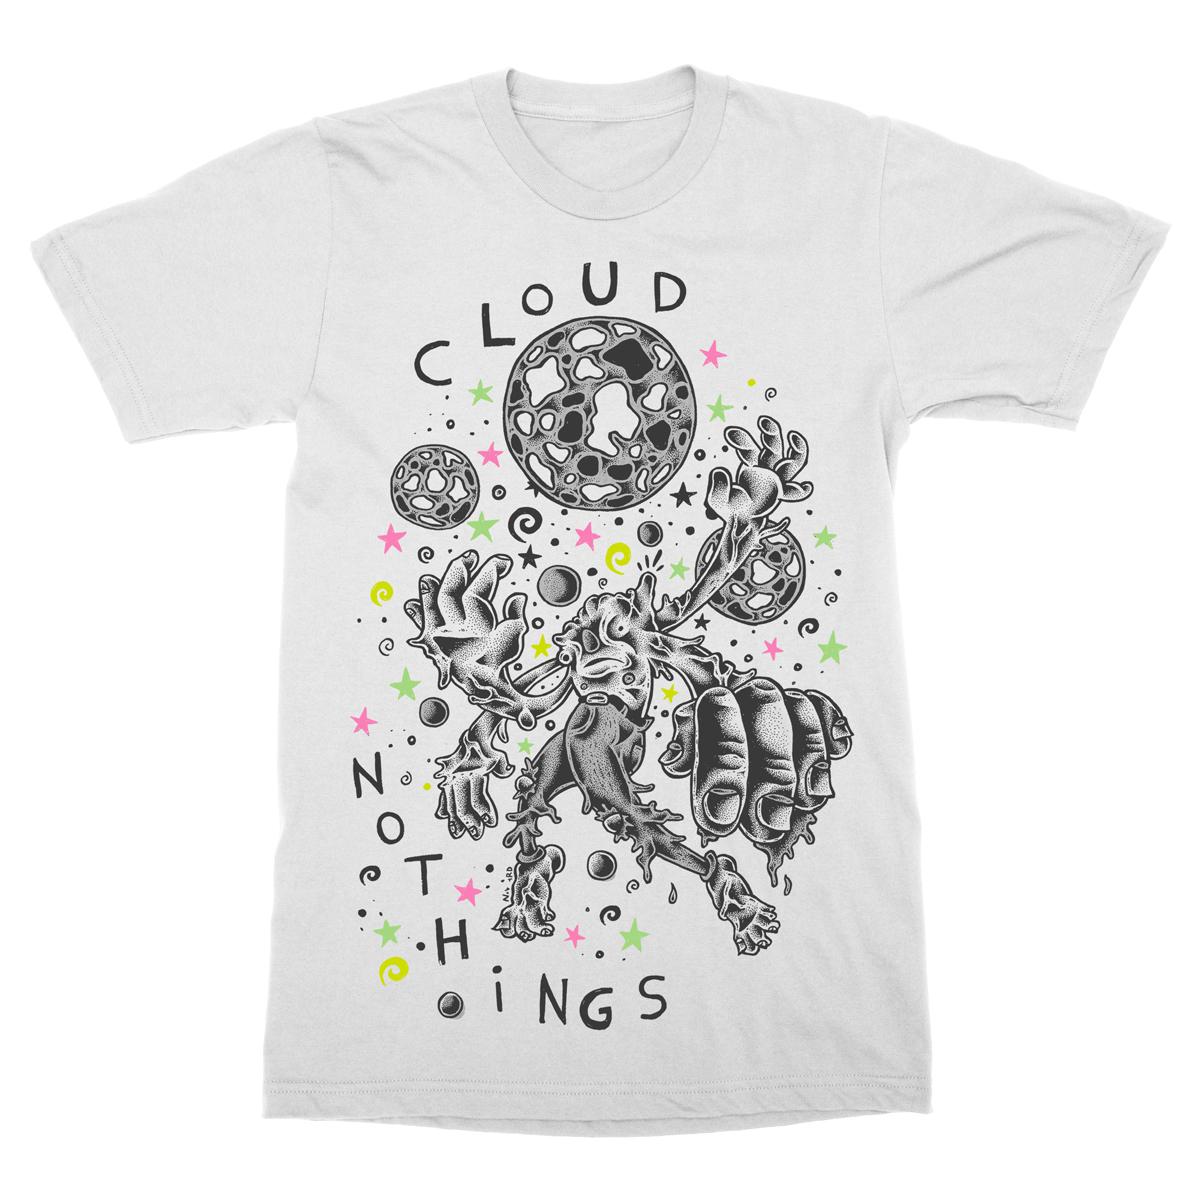 Cosmic Tee - Cloud Nothings